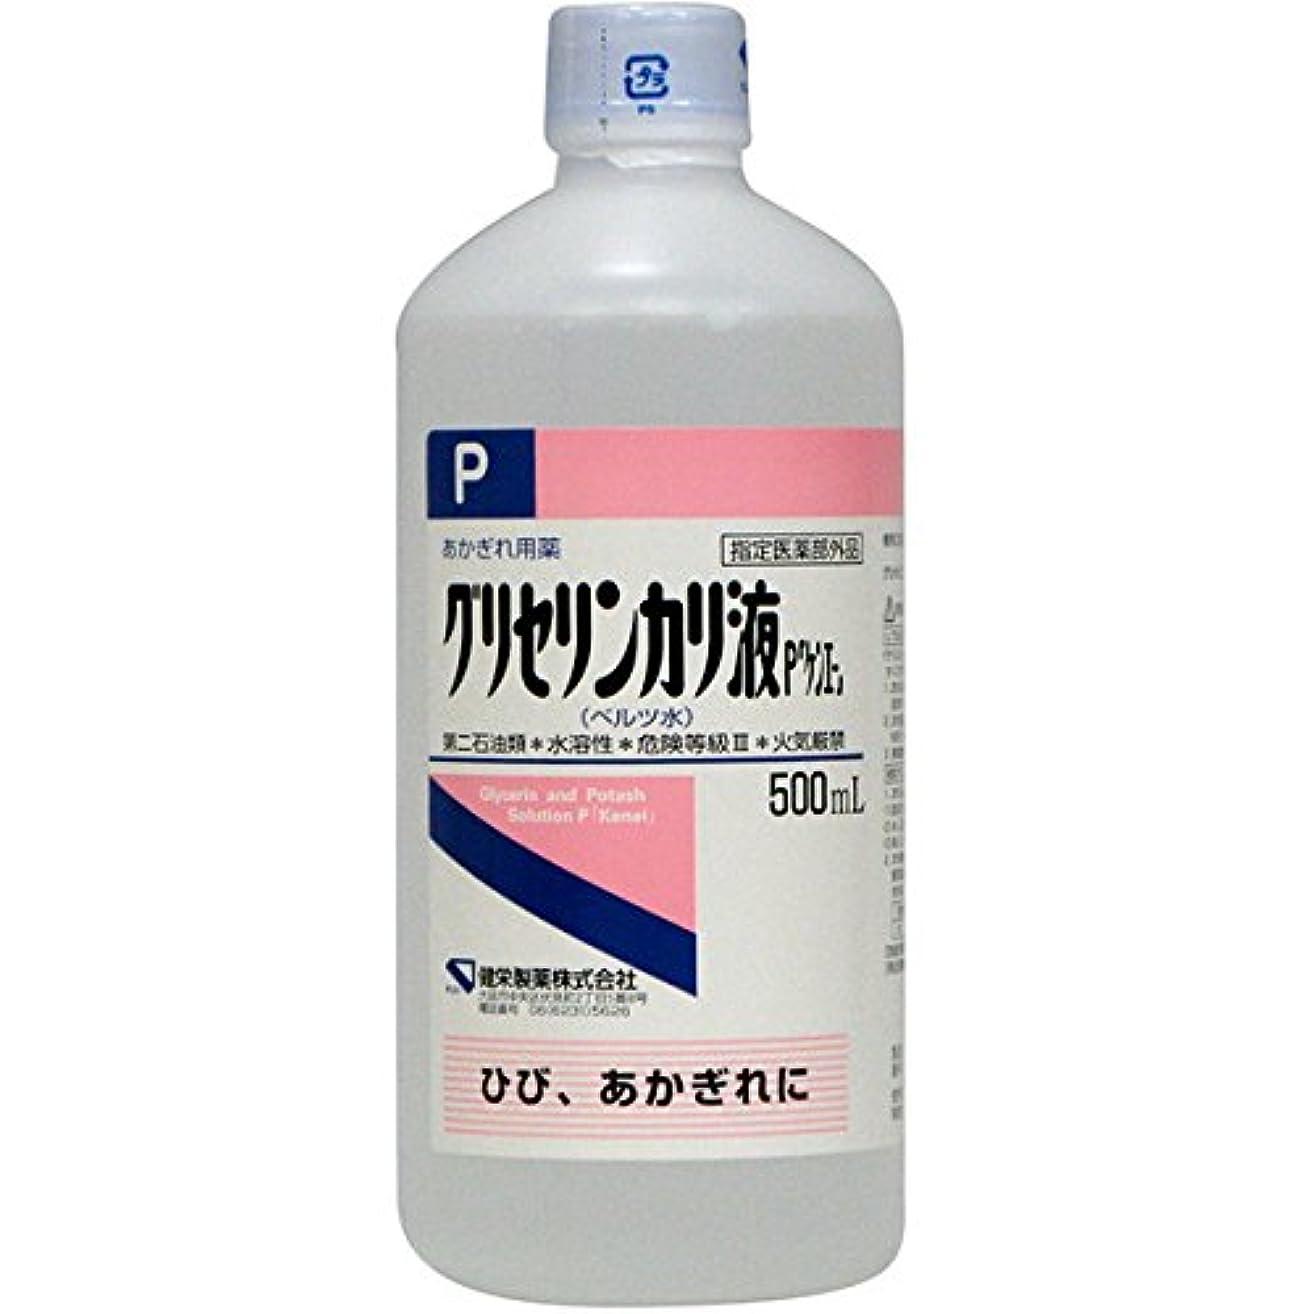 溝不調和印象健栄製薬 グリセリンカリ液 ベルツ水 500ml